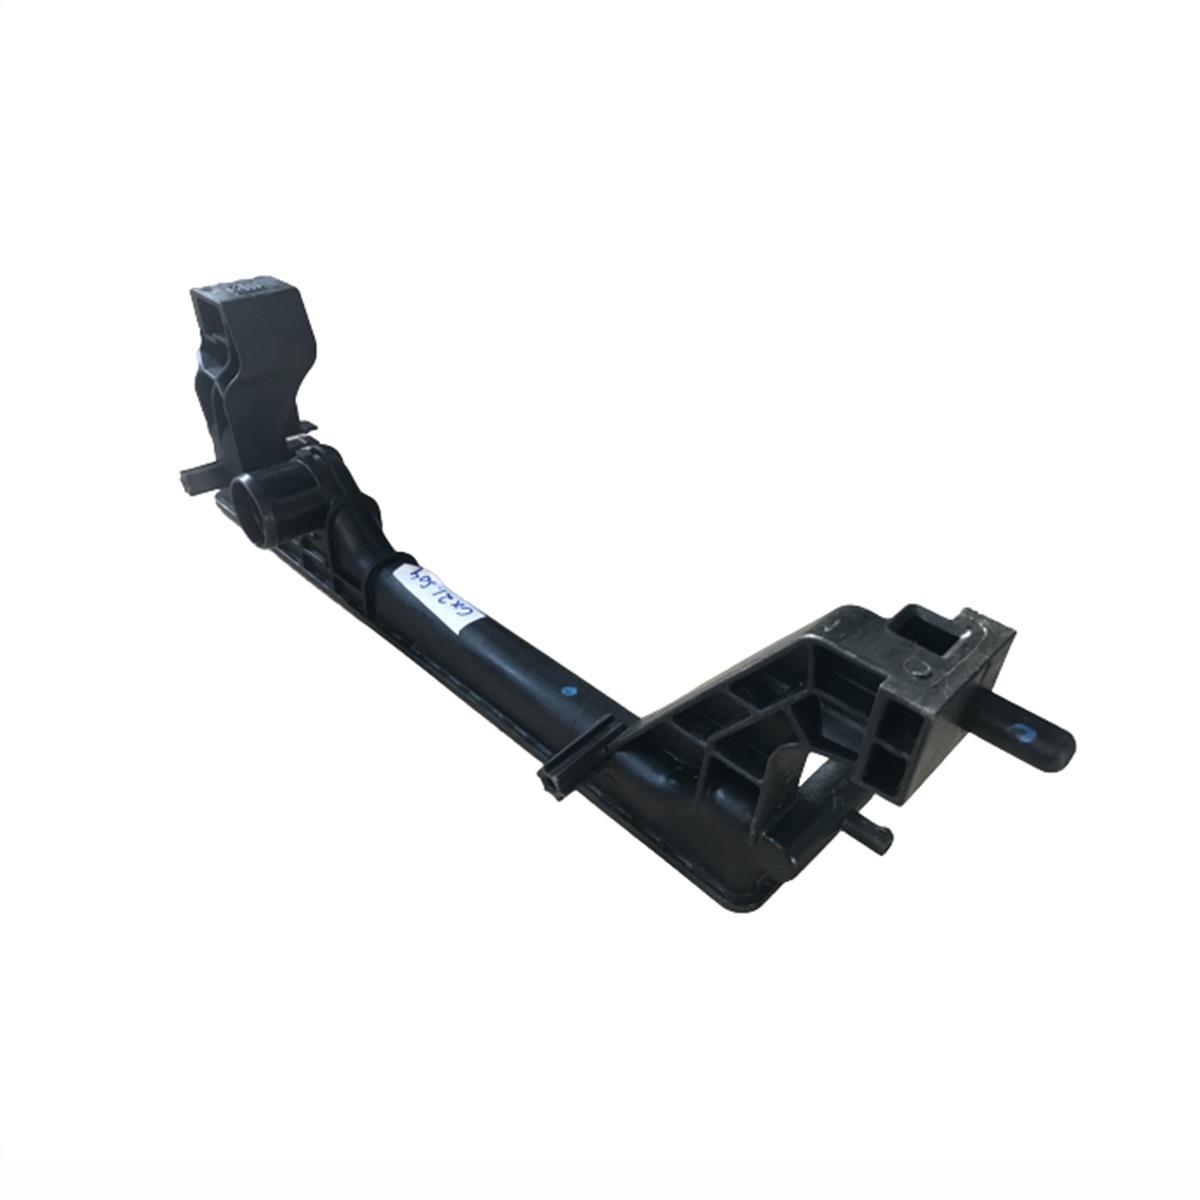 Caixa de Radiador Chevrolet Onix Sonic Novo Prisma Sem Retorno 32mmx378mm